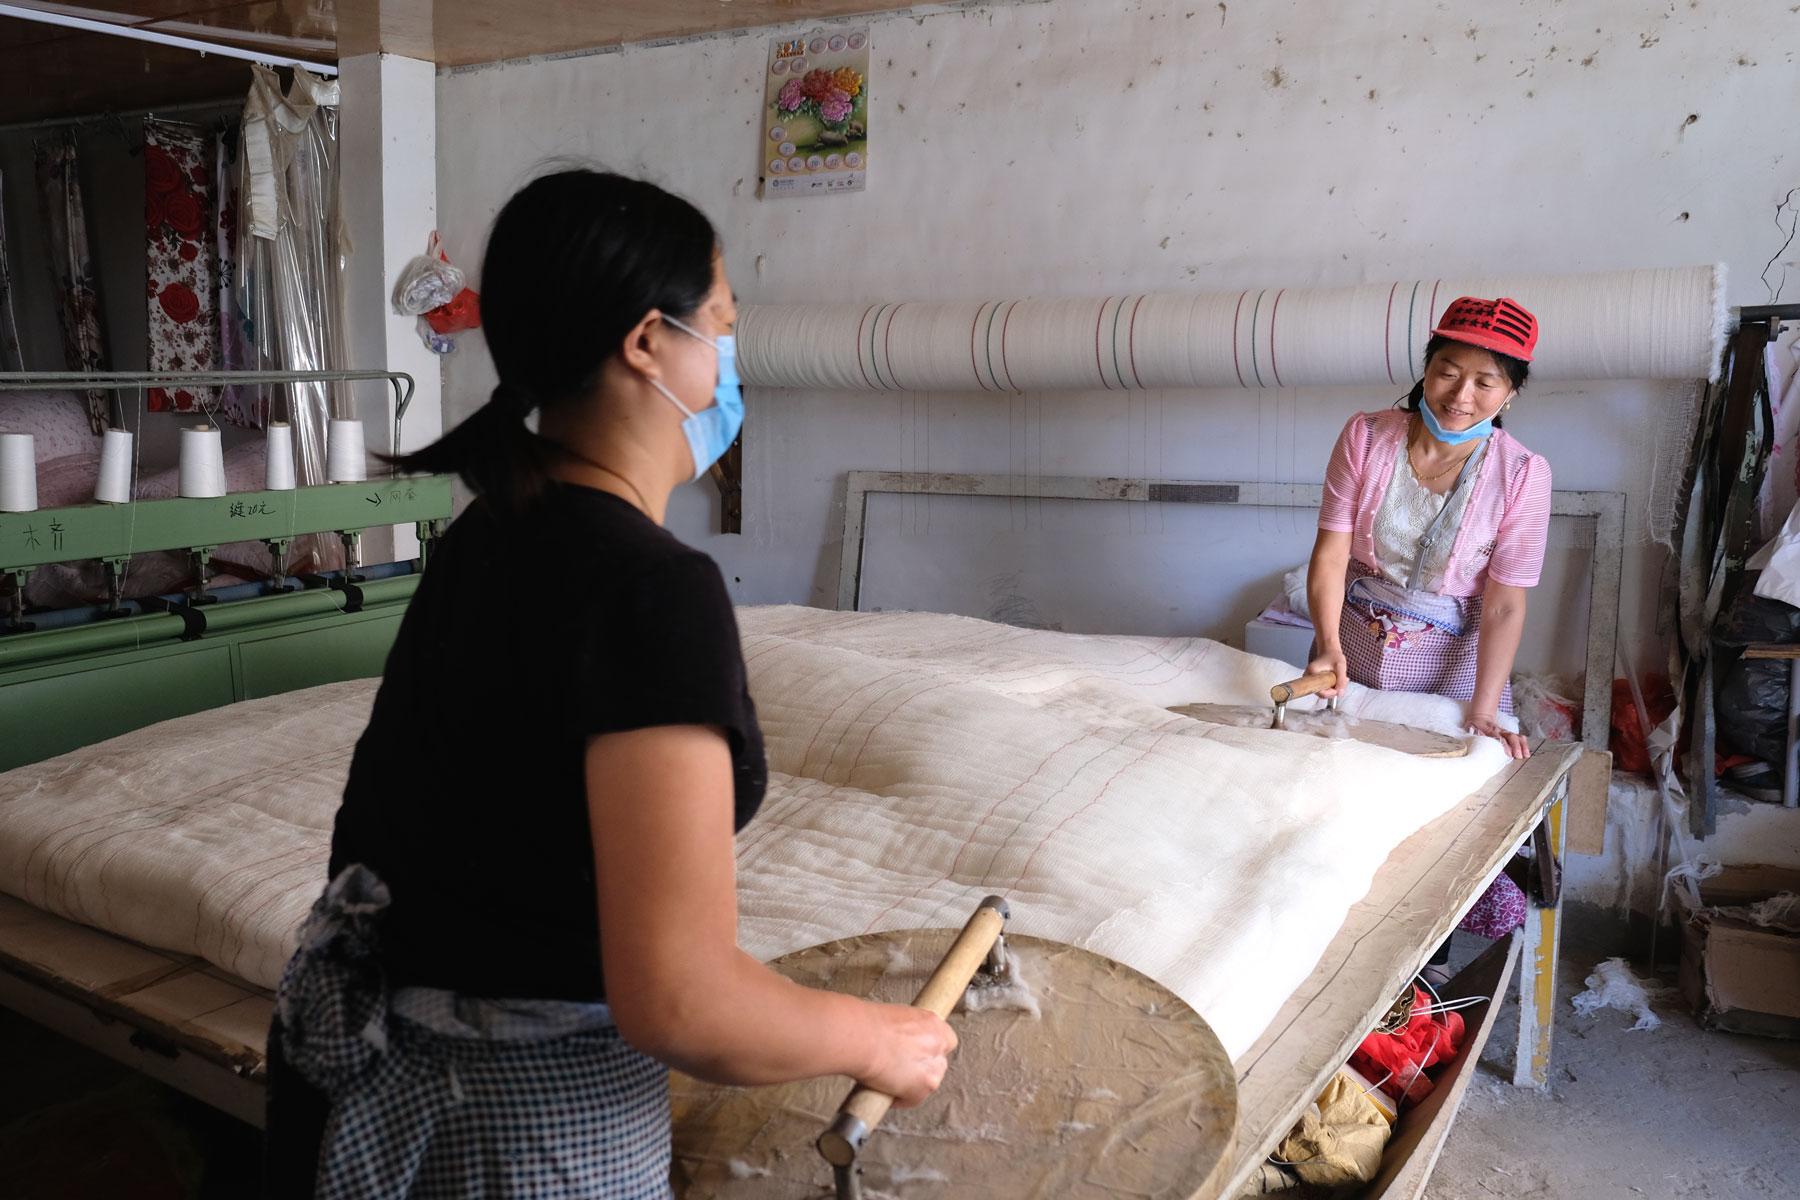 ...und platt gestrichen. Danach wird die erstellte Rolle zur Seite gelegt und neue Baumwolle wird geholt.